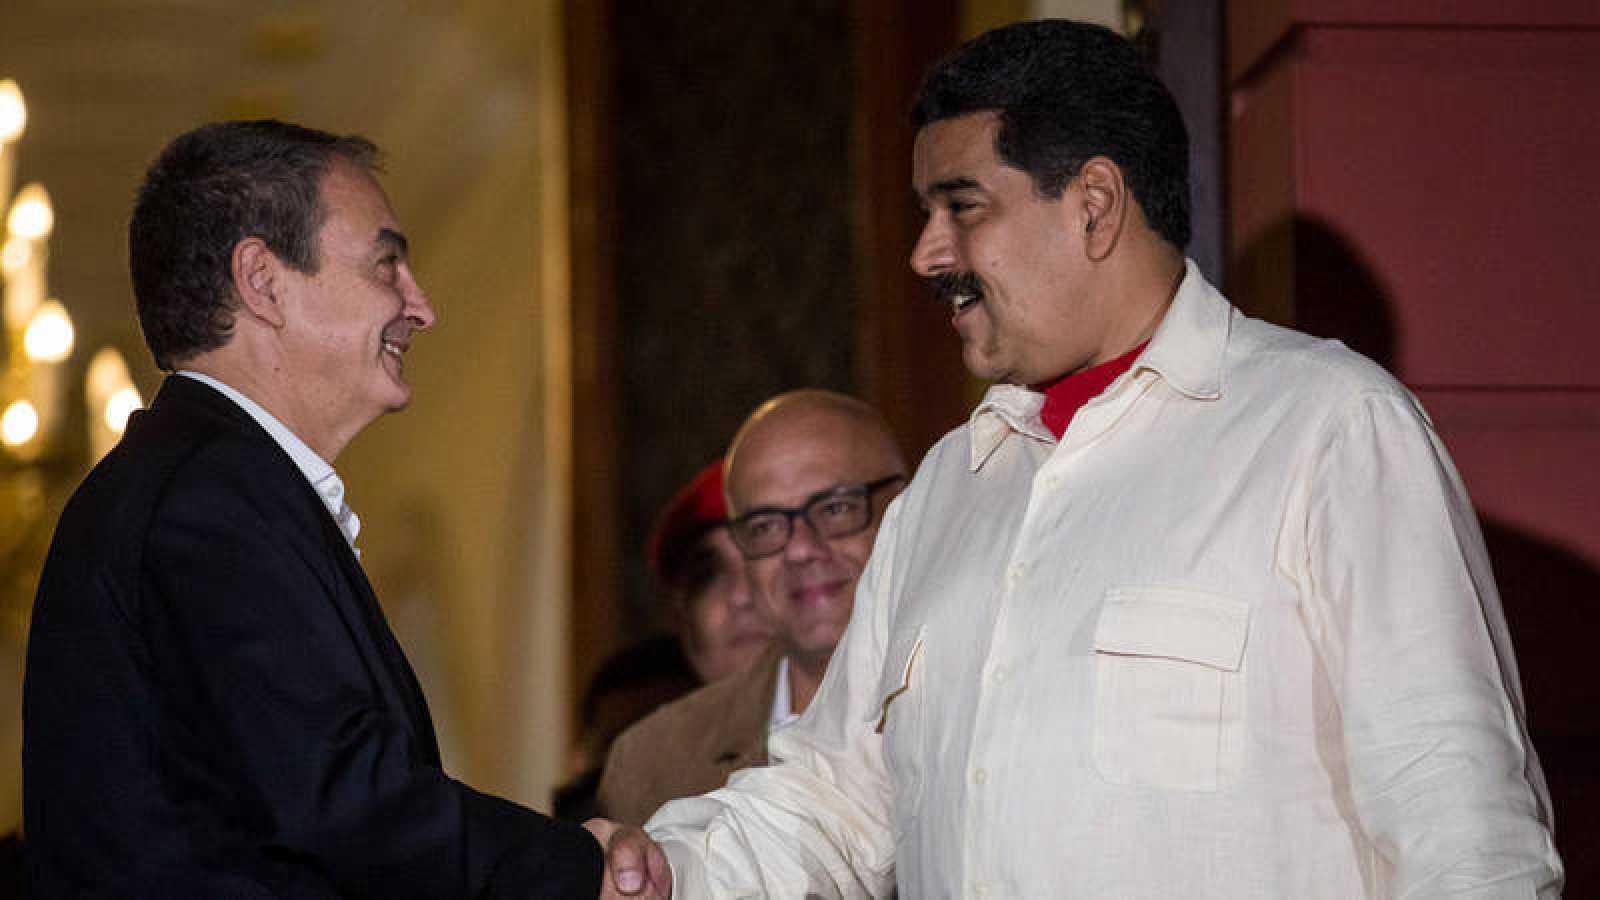 Imagen de archivo de una reunión de José Luis Rodríguez Zapatero y Nicolás Maduro